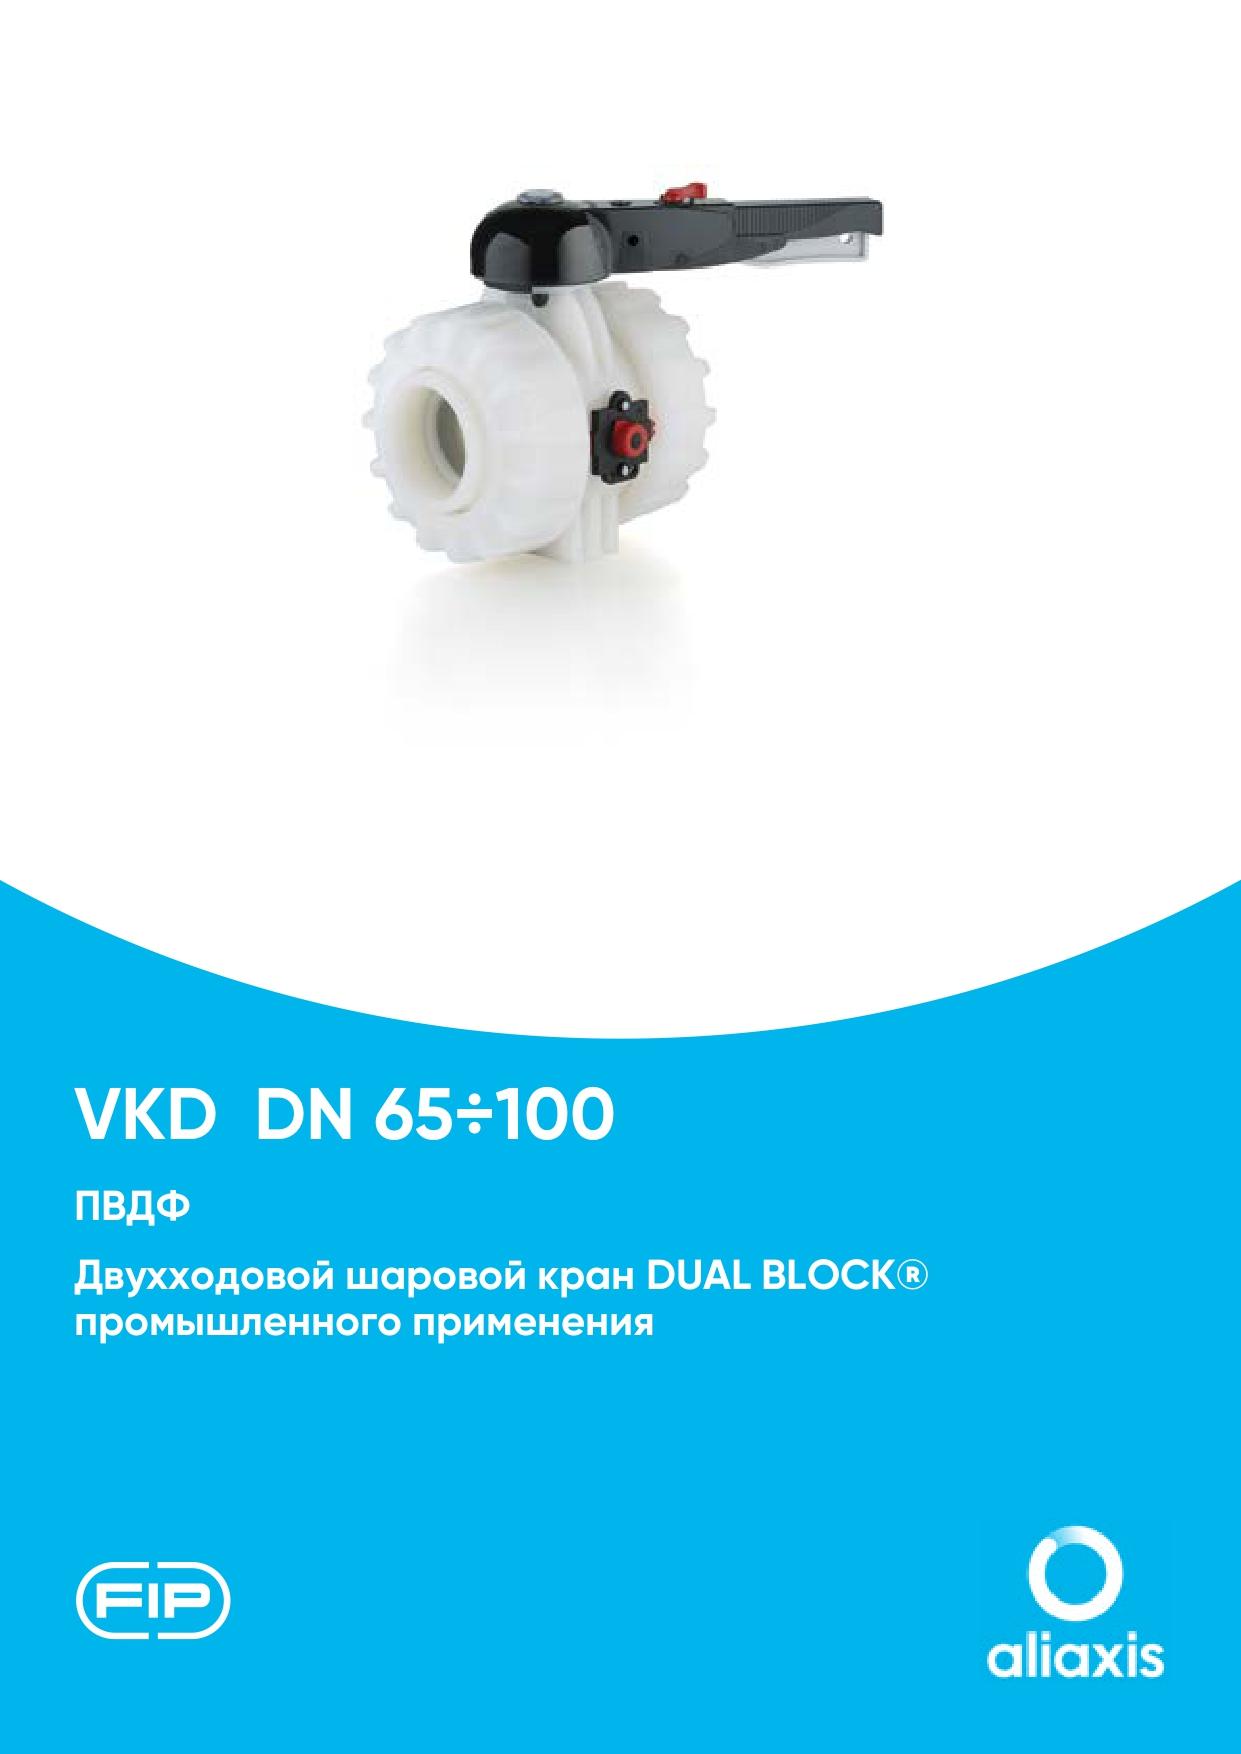 Шаровые краны VKD DN65-100 из ПВДФ